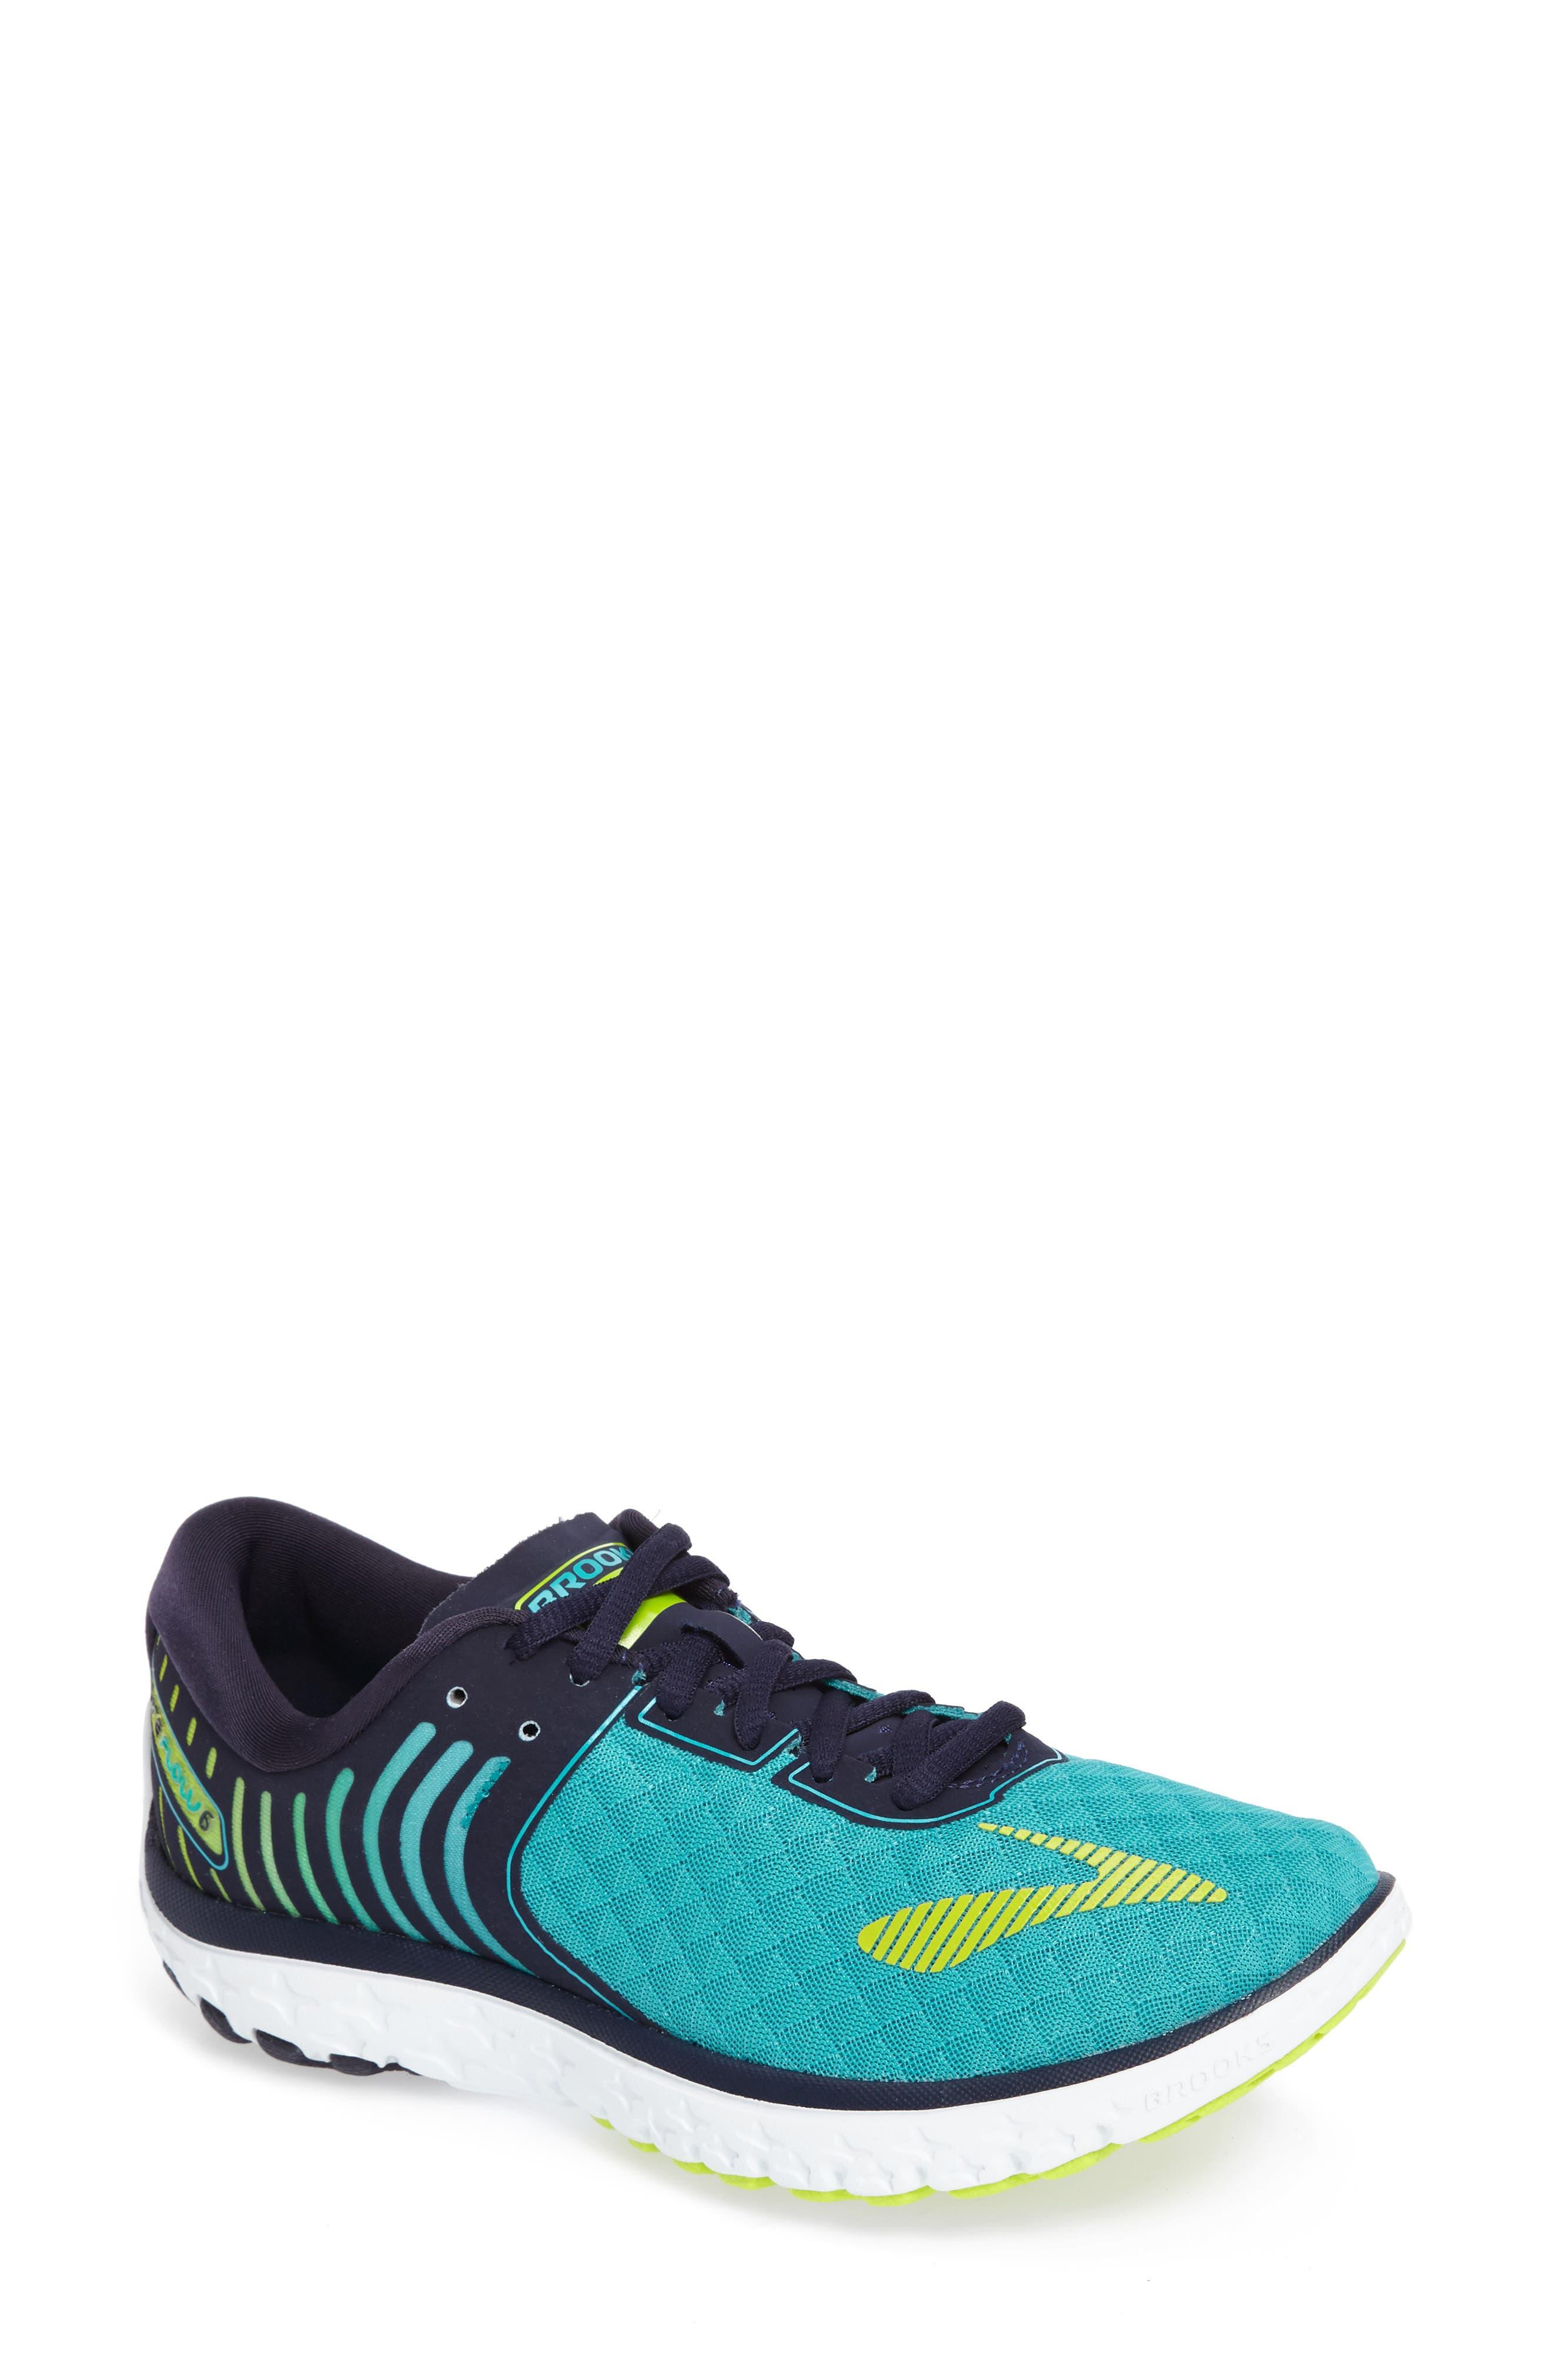 Main Image - Brooks PureFlow 6 Running Shoe (Women)